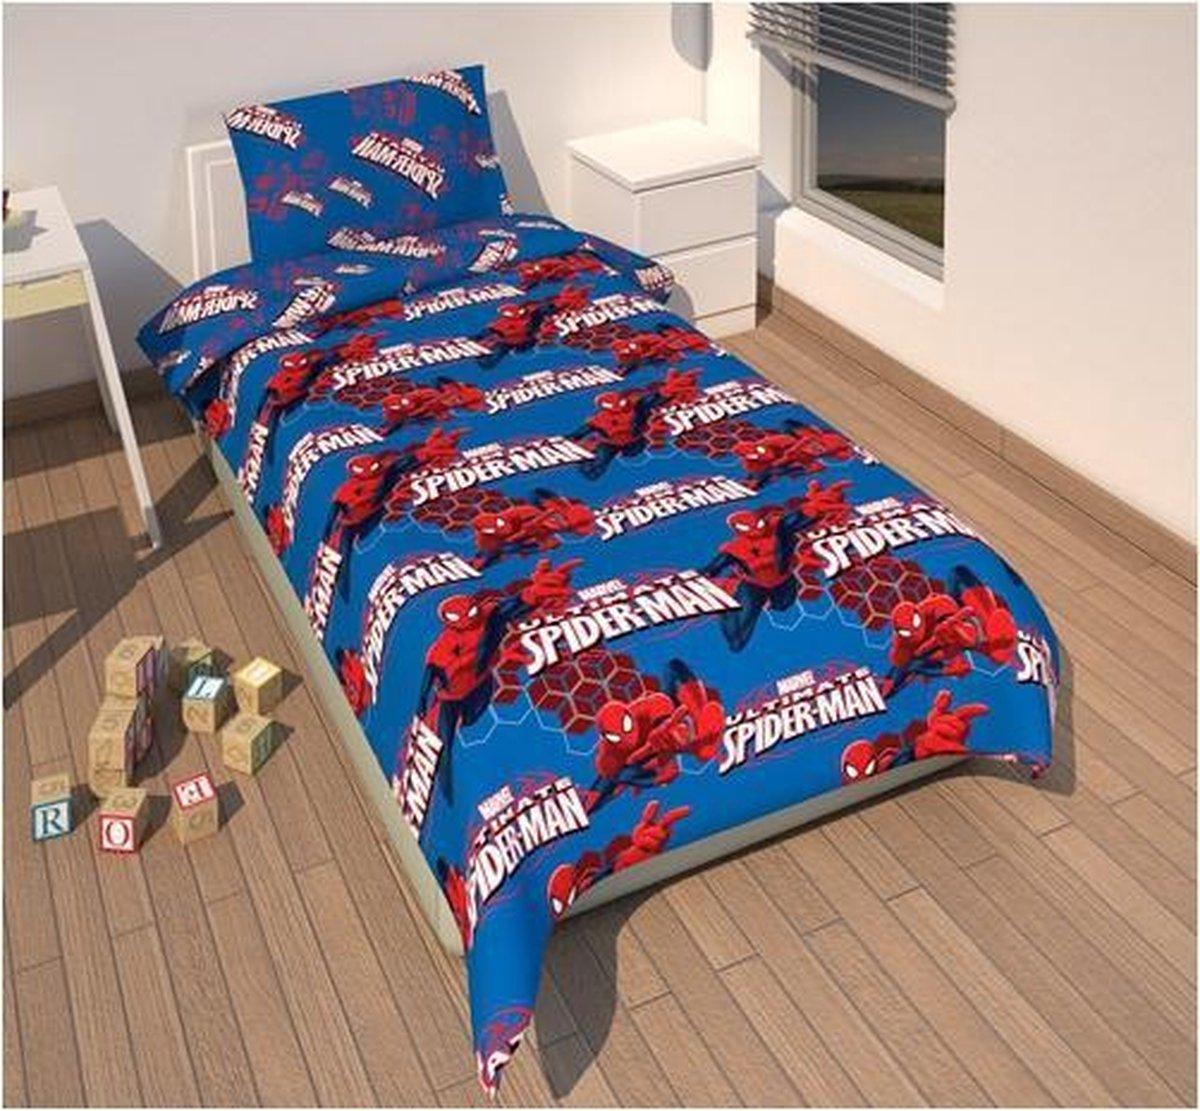 Spiderman dekbedovertrek jongens blauw 135 x 200 cm - Marvel